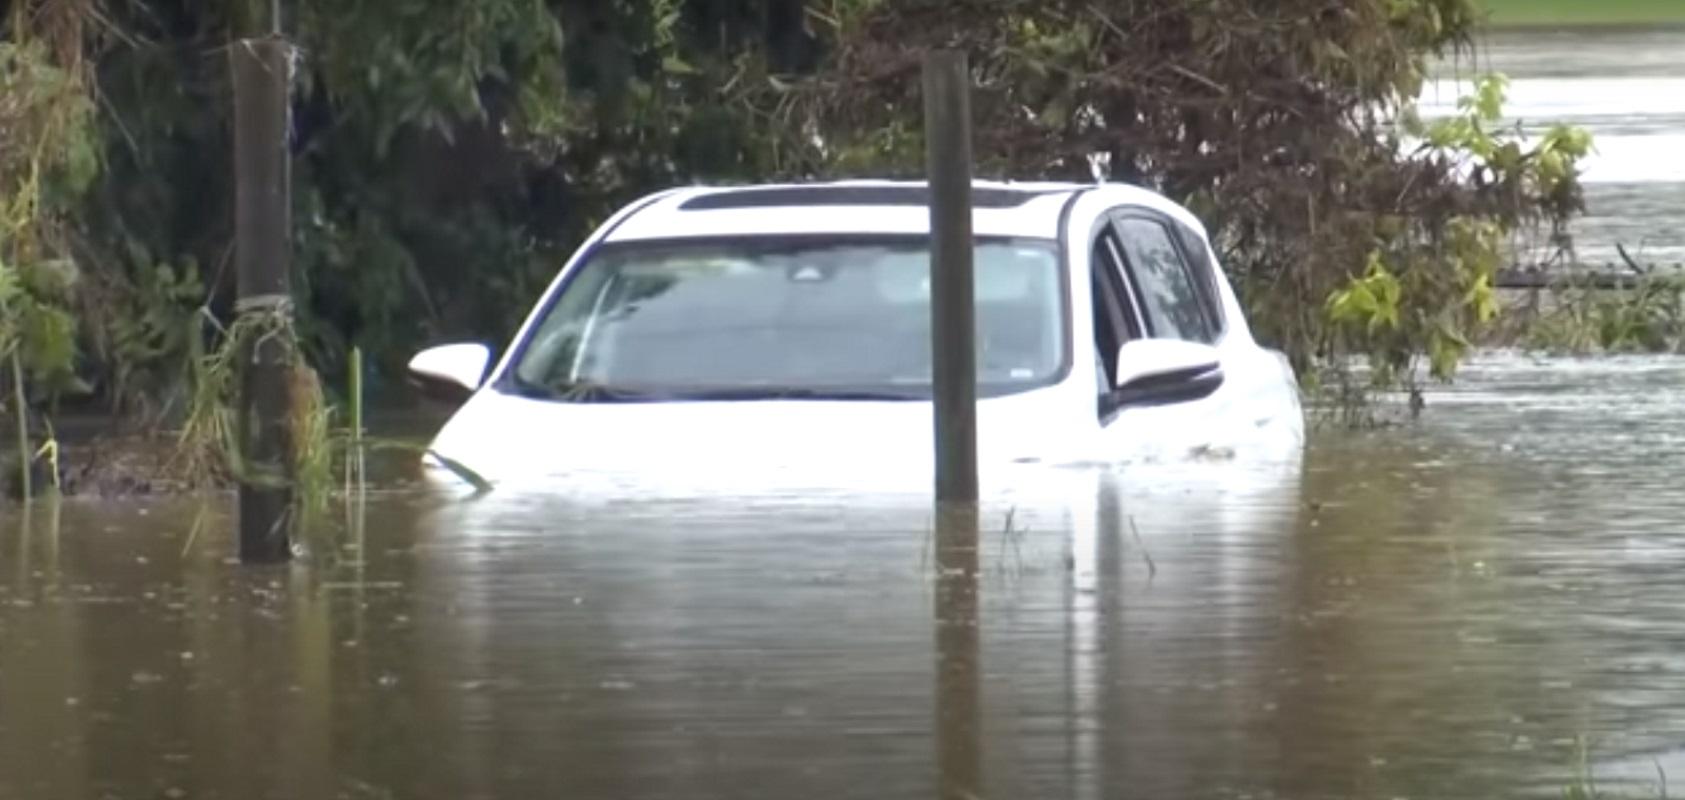 ΗΠΑ: Φονικές πλημμύρες στο Τενεσί – Τουλάχιστον 21 νεκροί και 50 αγνοούμενοι